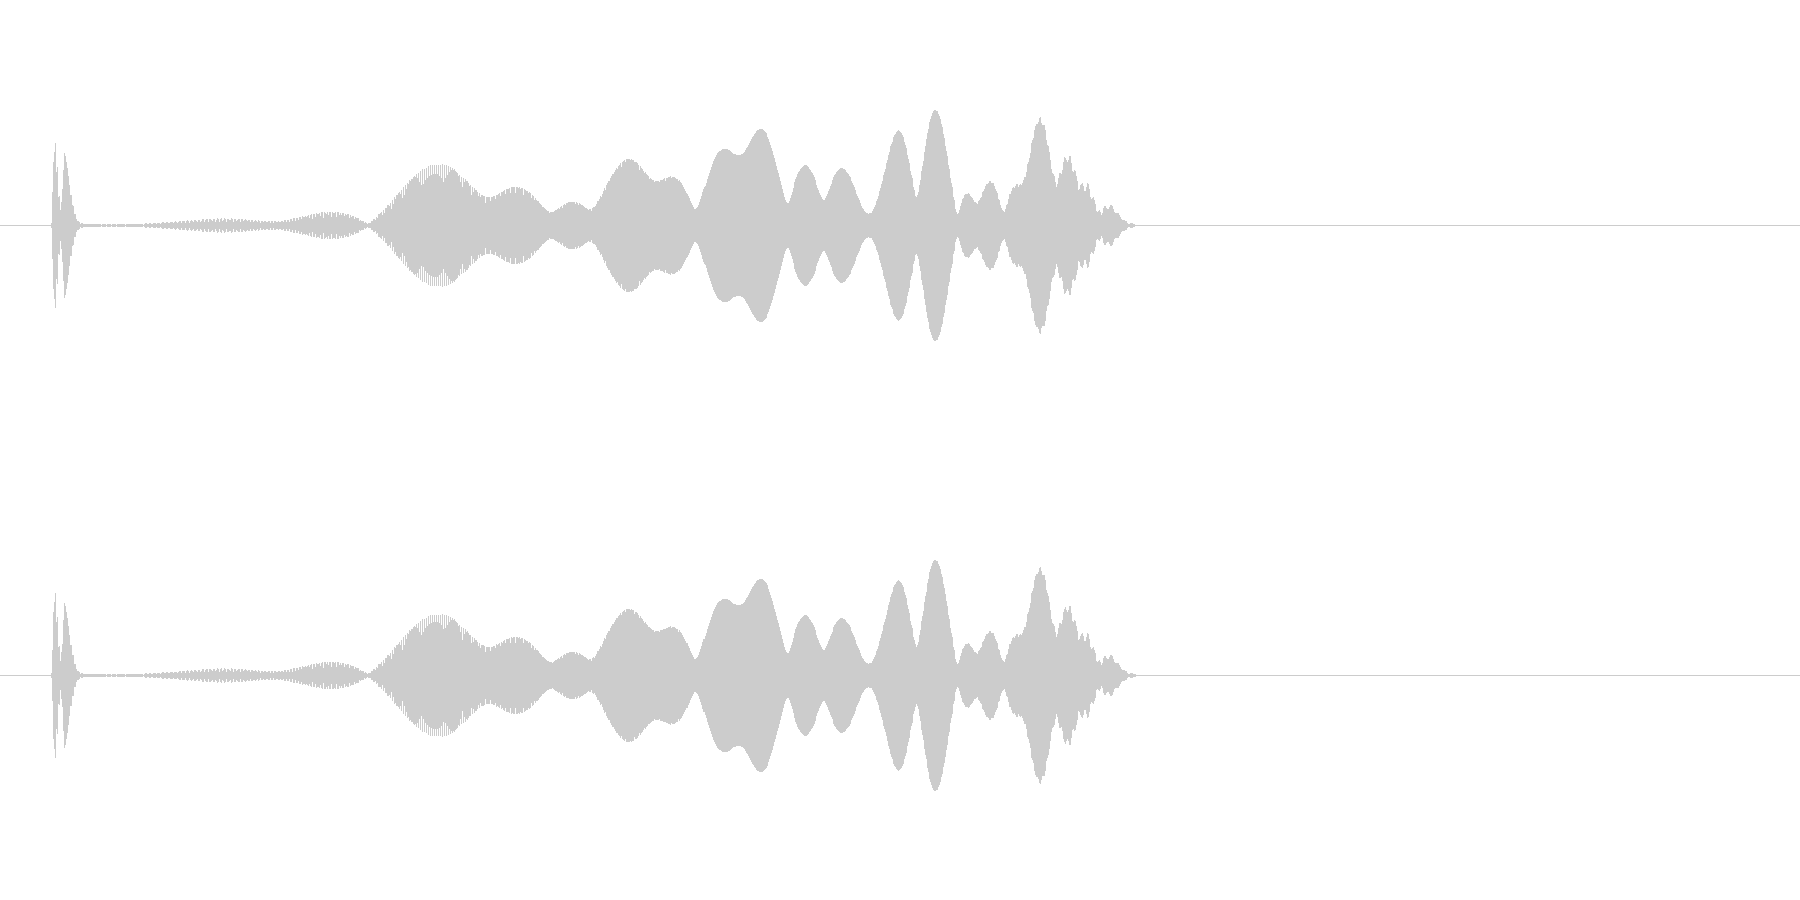 画面が収束していくタップモーションの未再生の波形